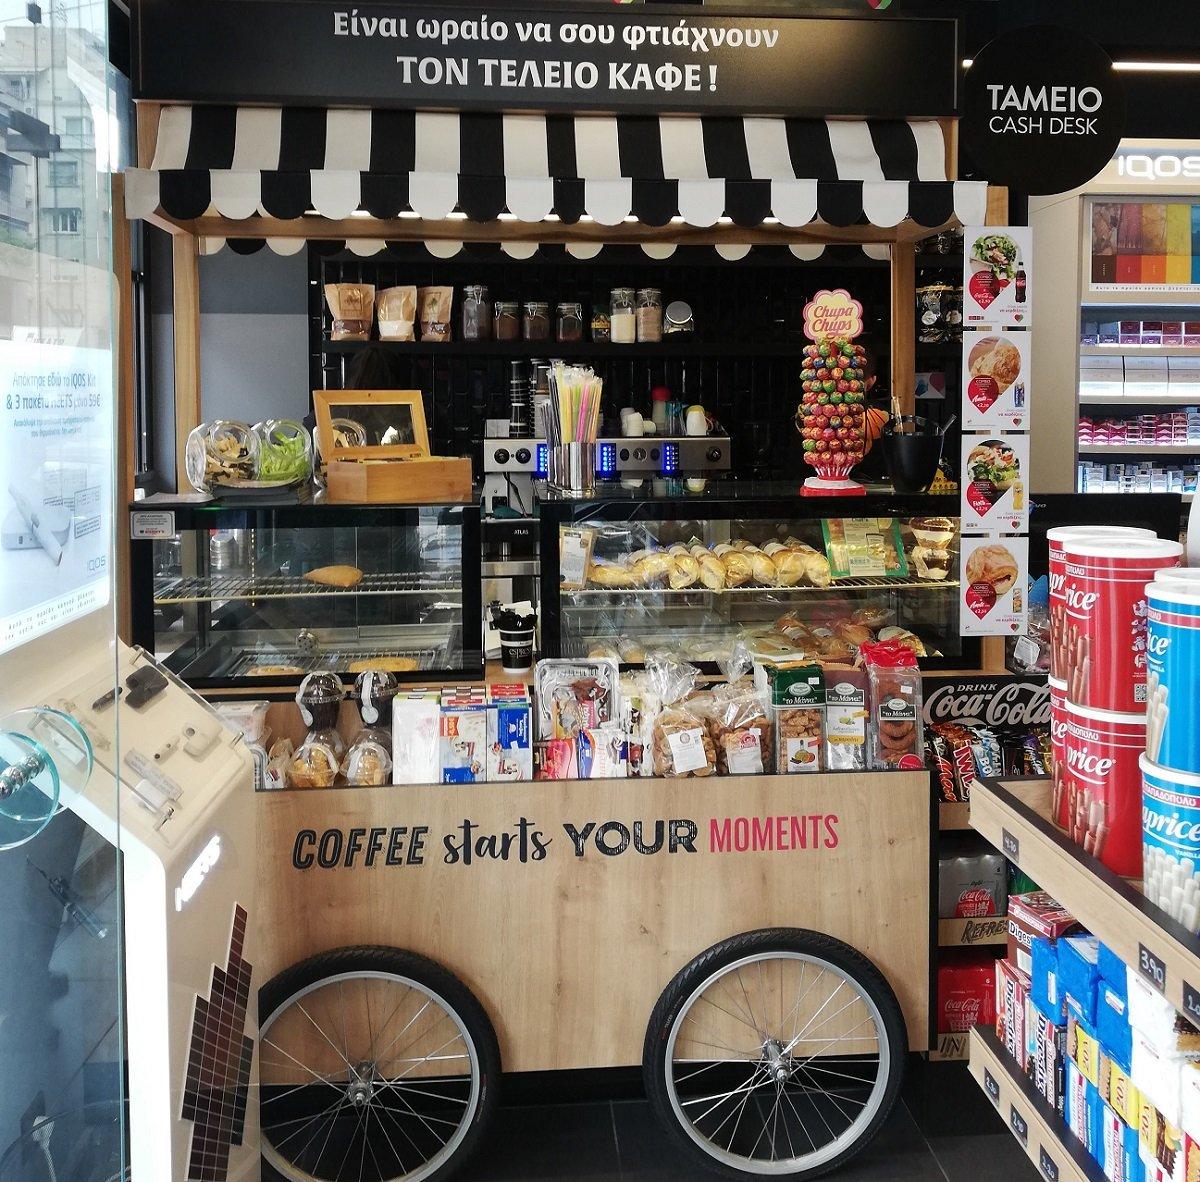 kioskys-convenience-store-kafes